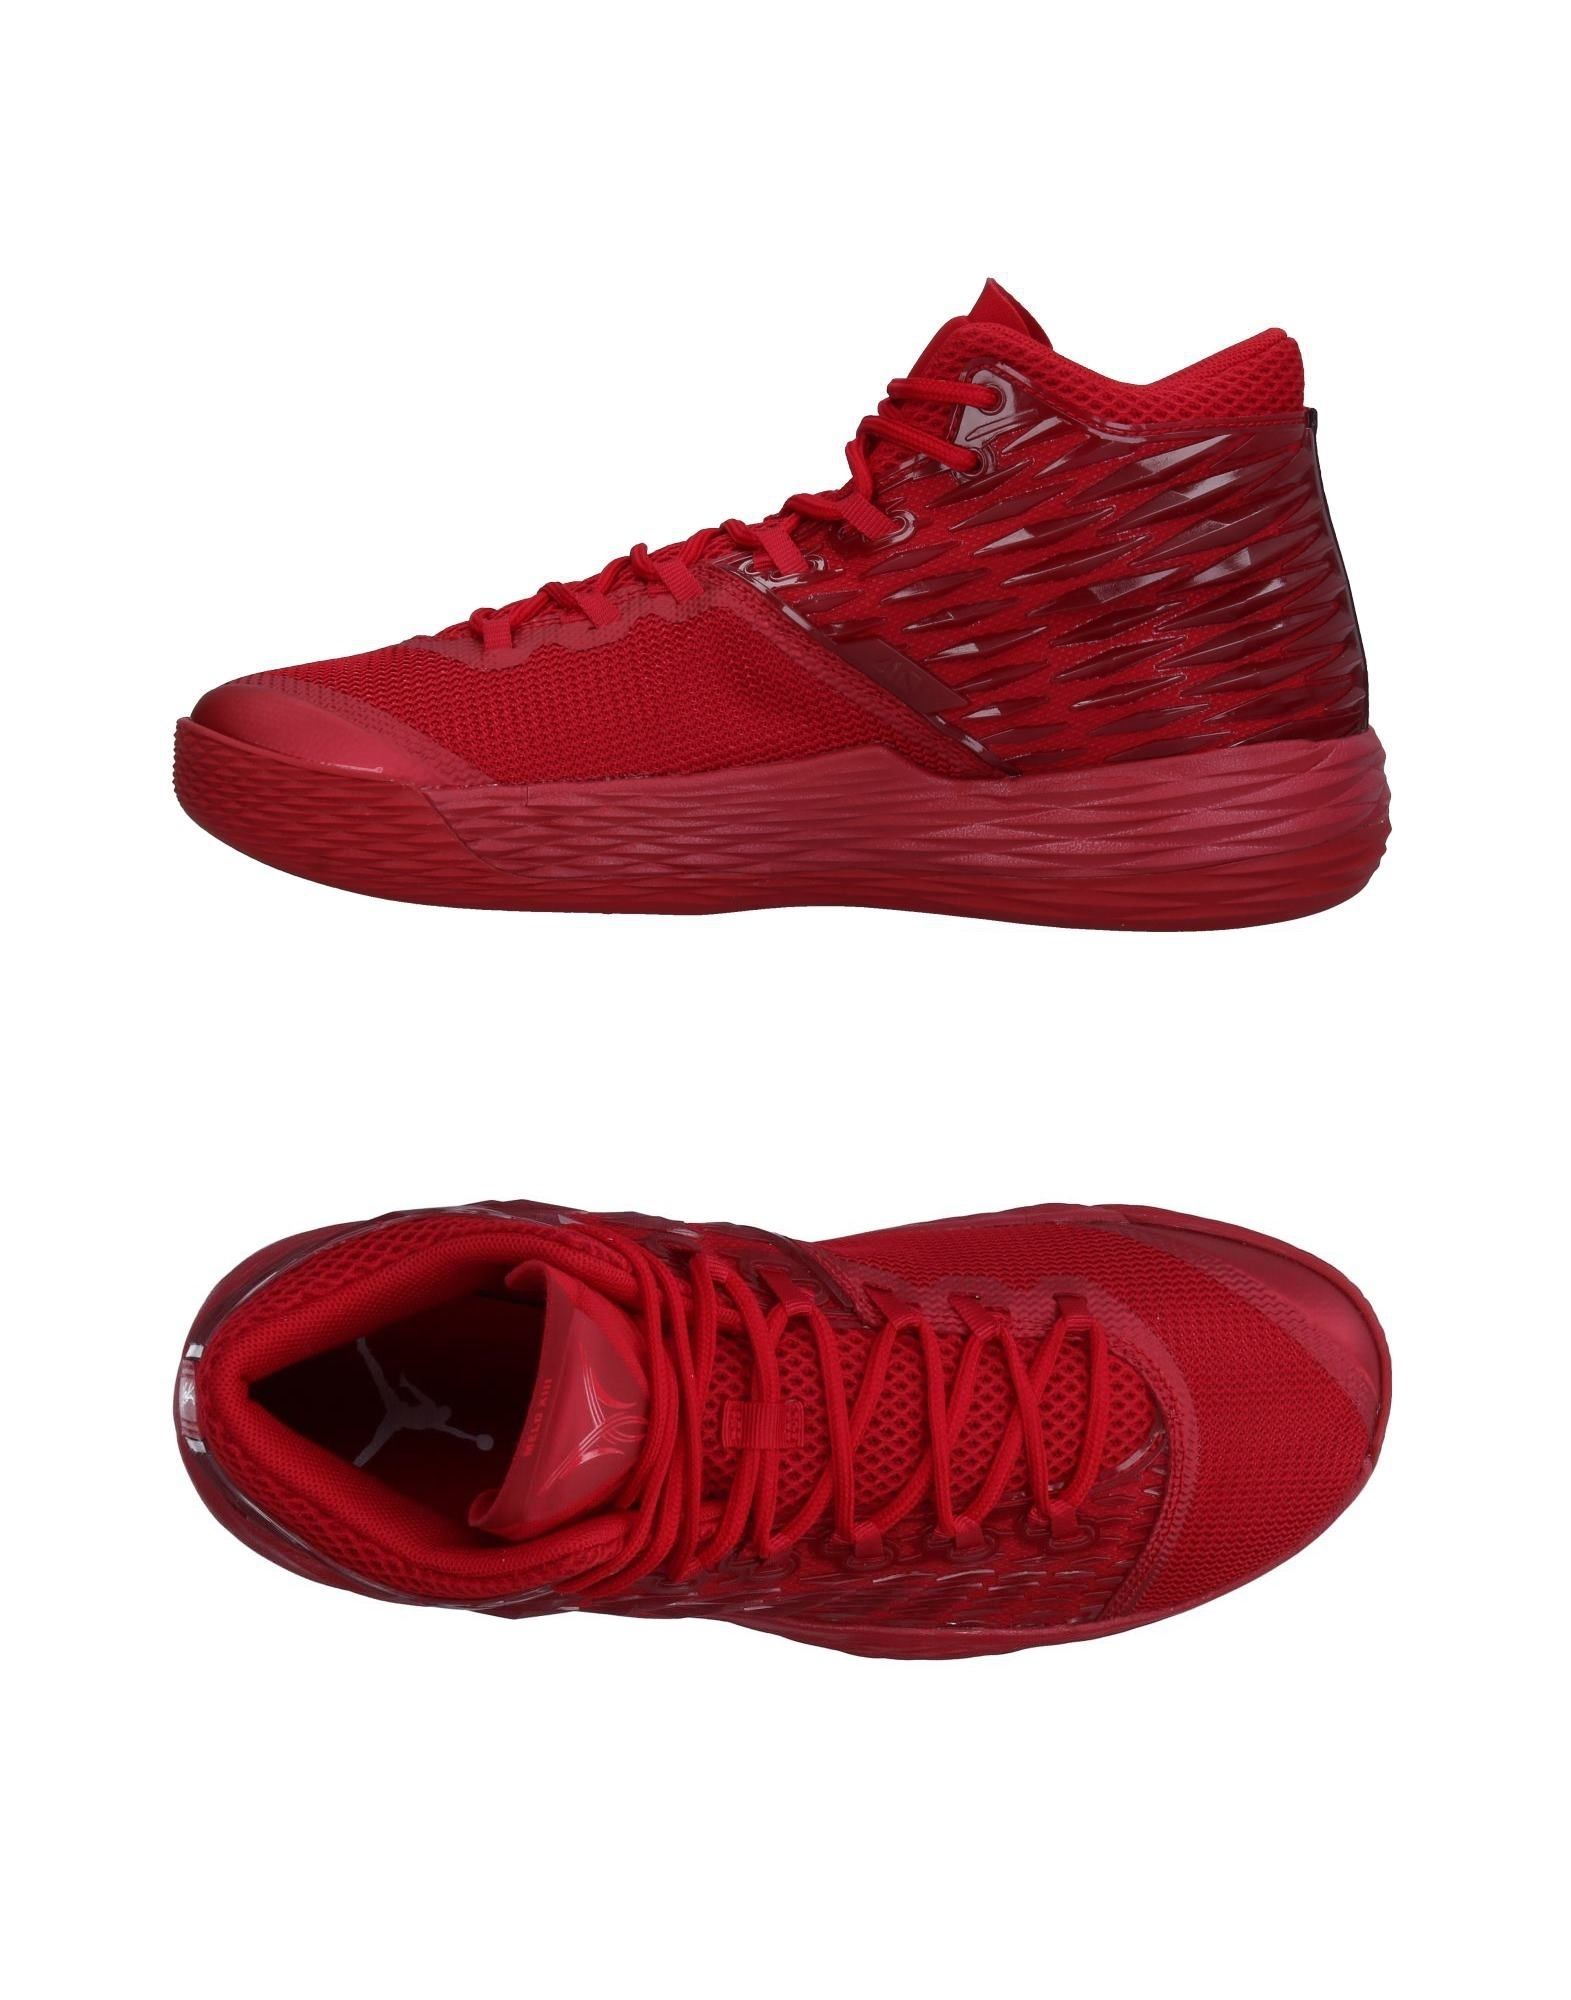 Jordan Sneakers Herren Herren Sneakers  11359688TD Heiße Schuhe 02b47b